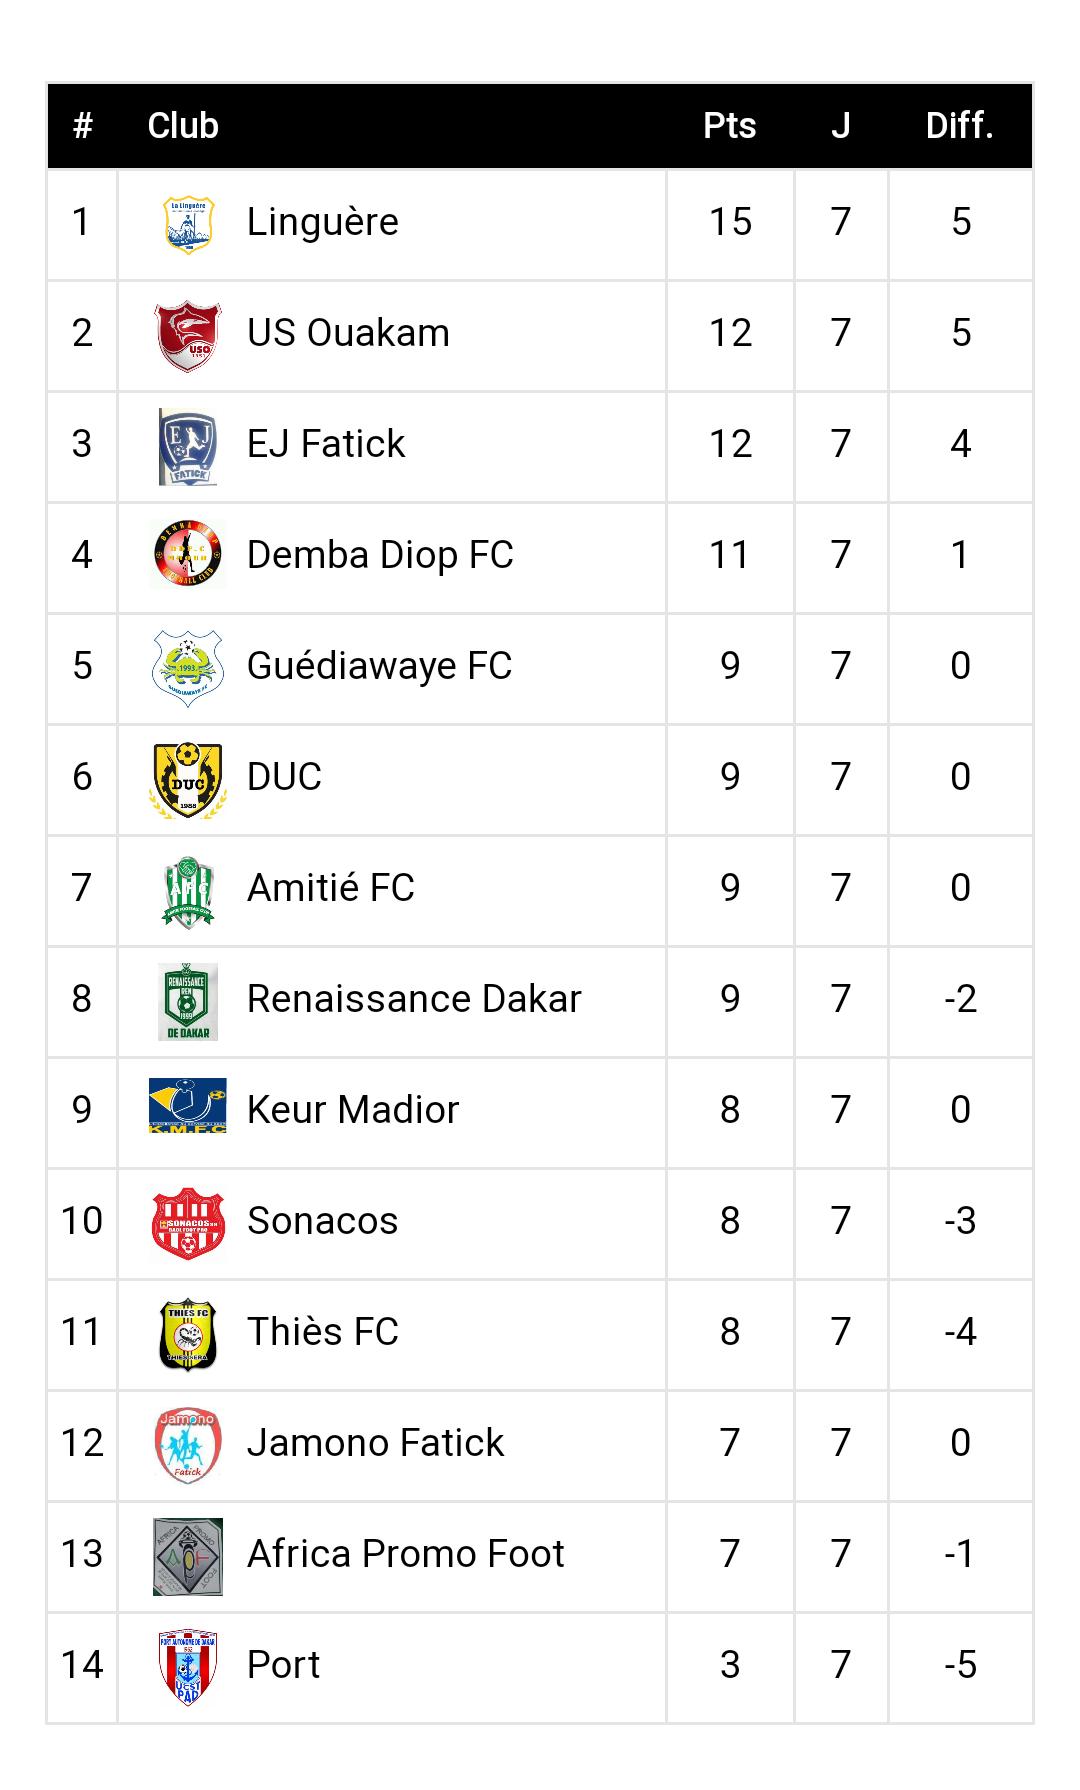 7ème journée Ligue 2 / Résultats et classement : La Linguère perd du terrain...